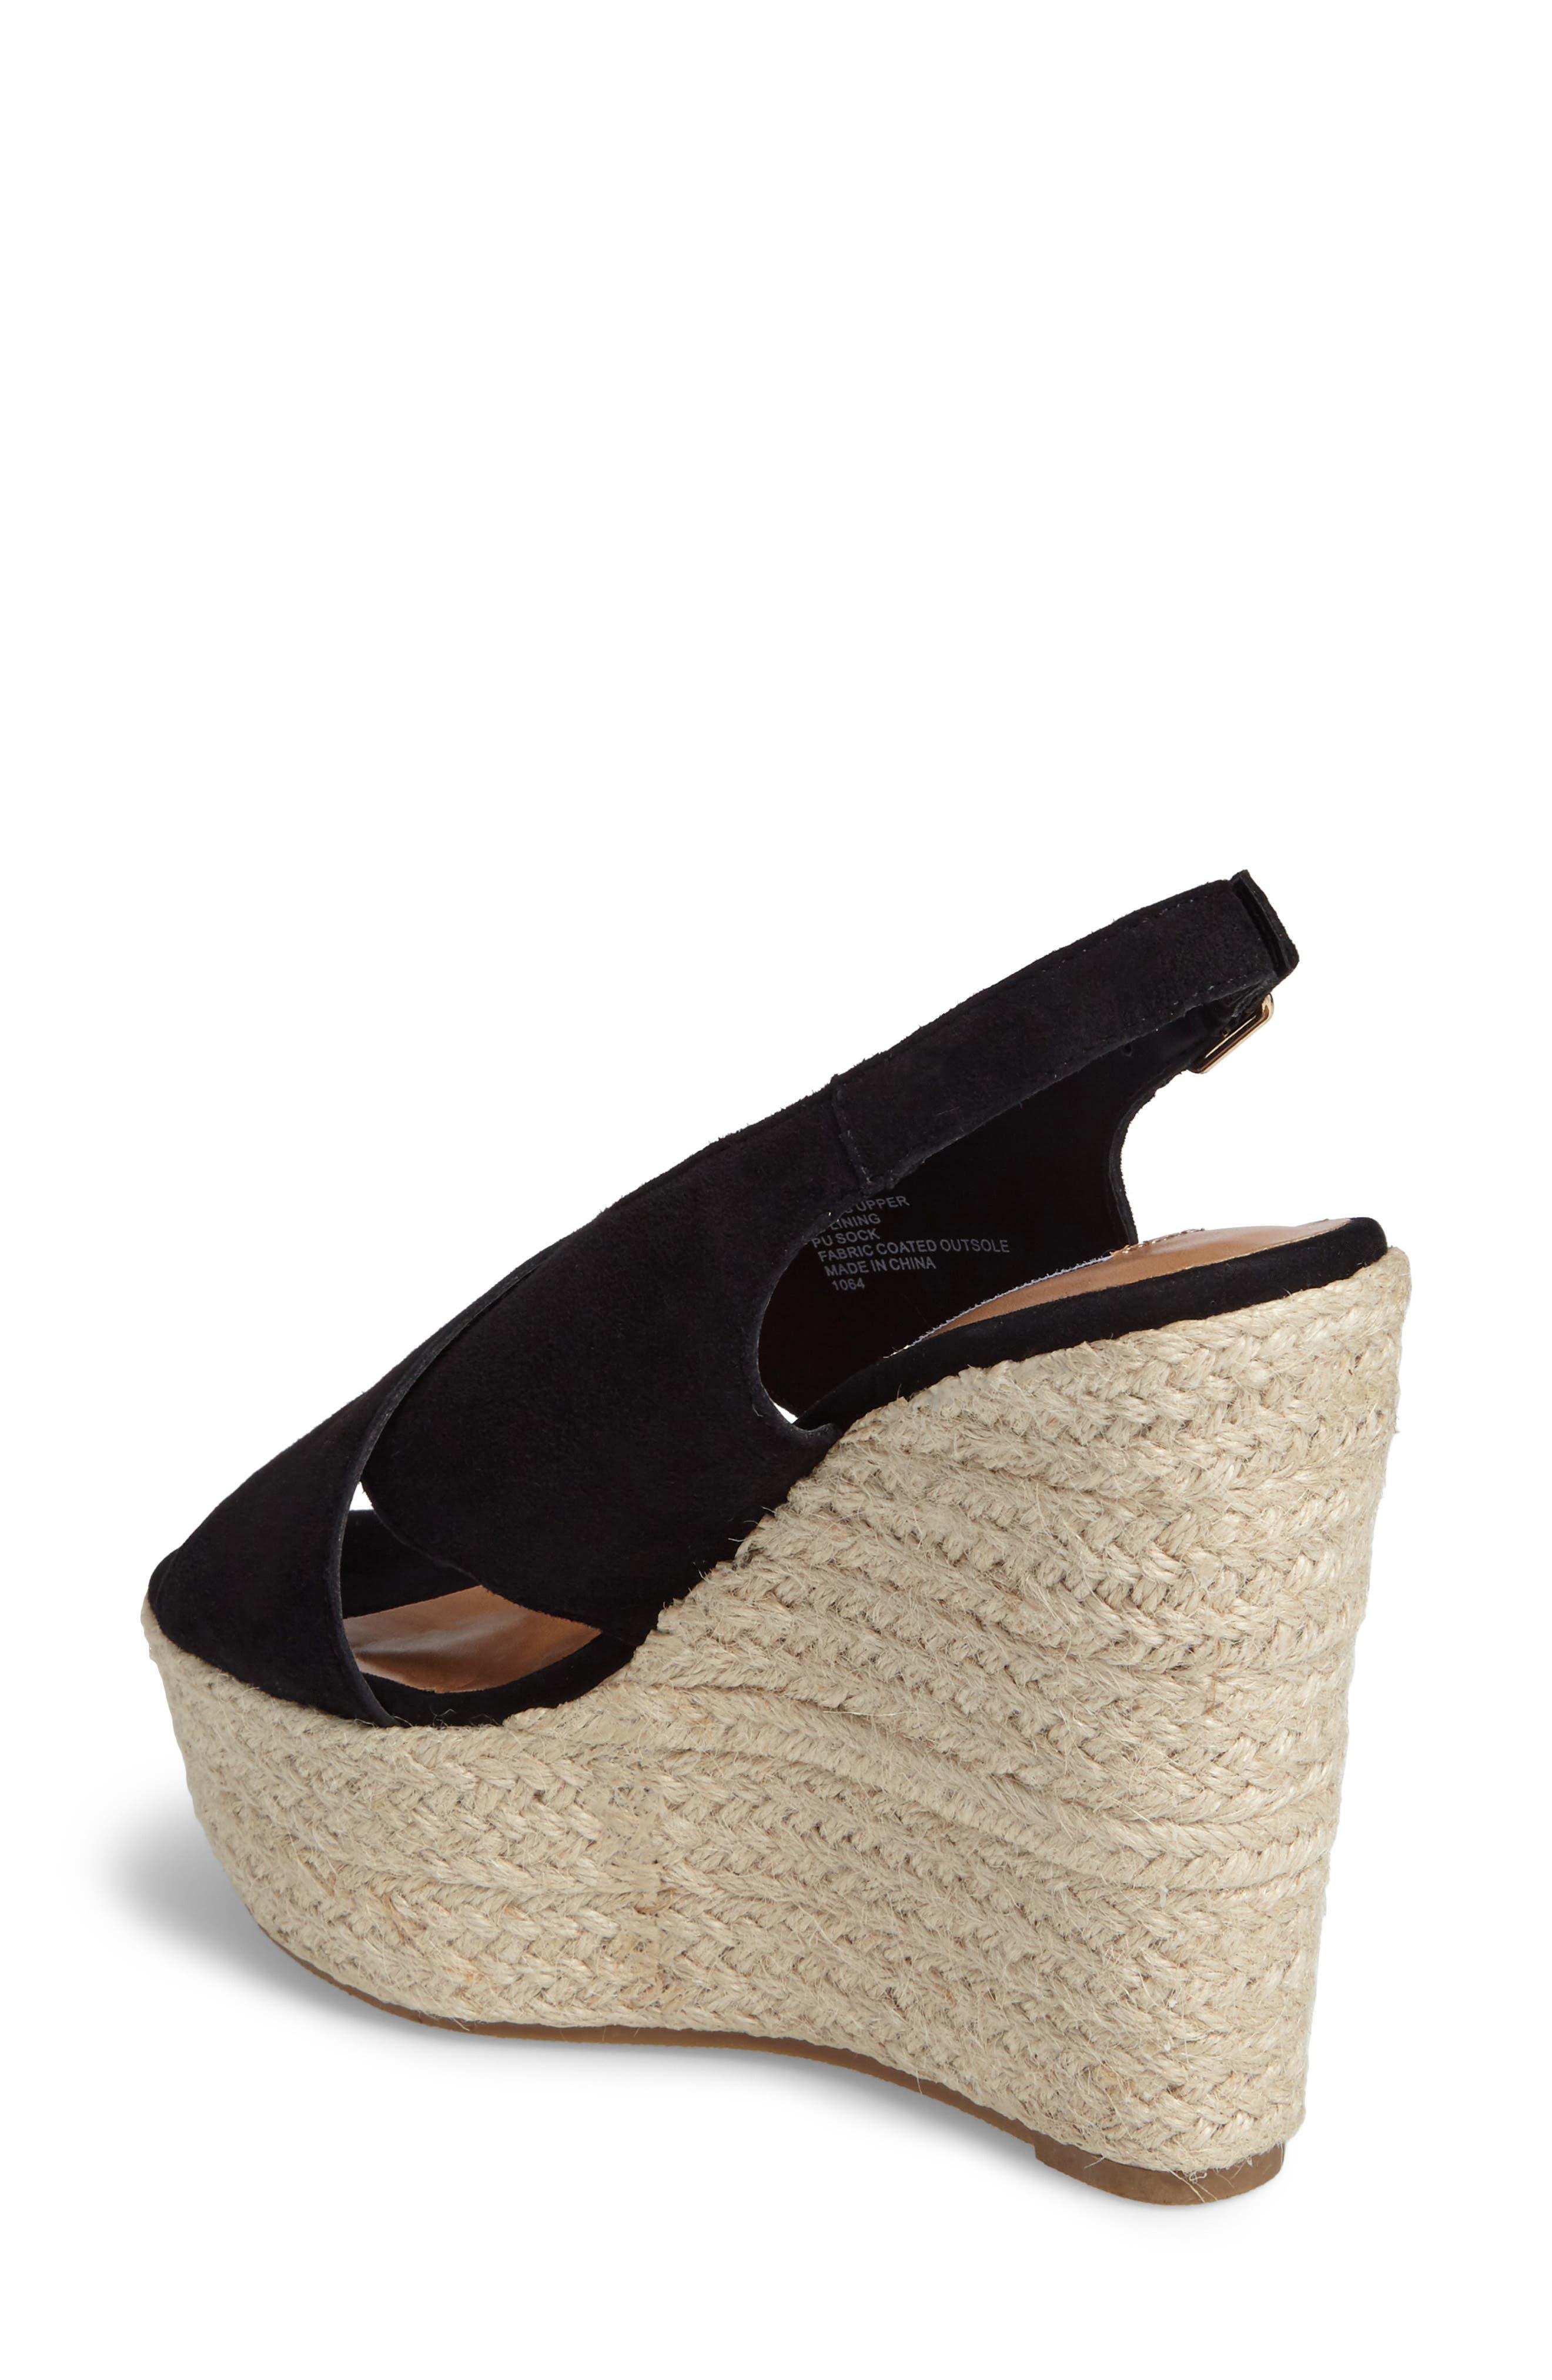 Alternate Image 2  - Steve Madden Rayla Platform Wedge Sandal (Women)